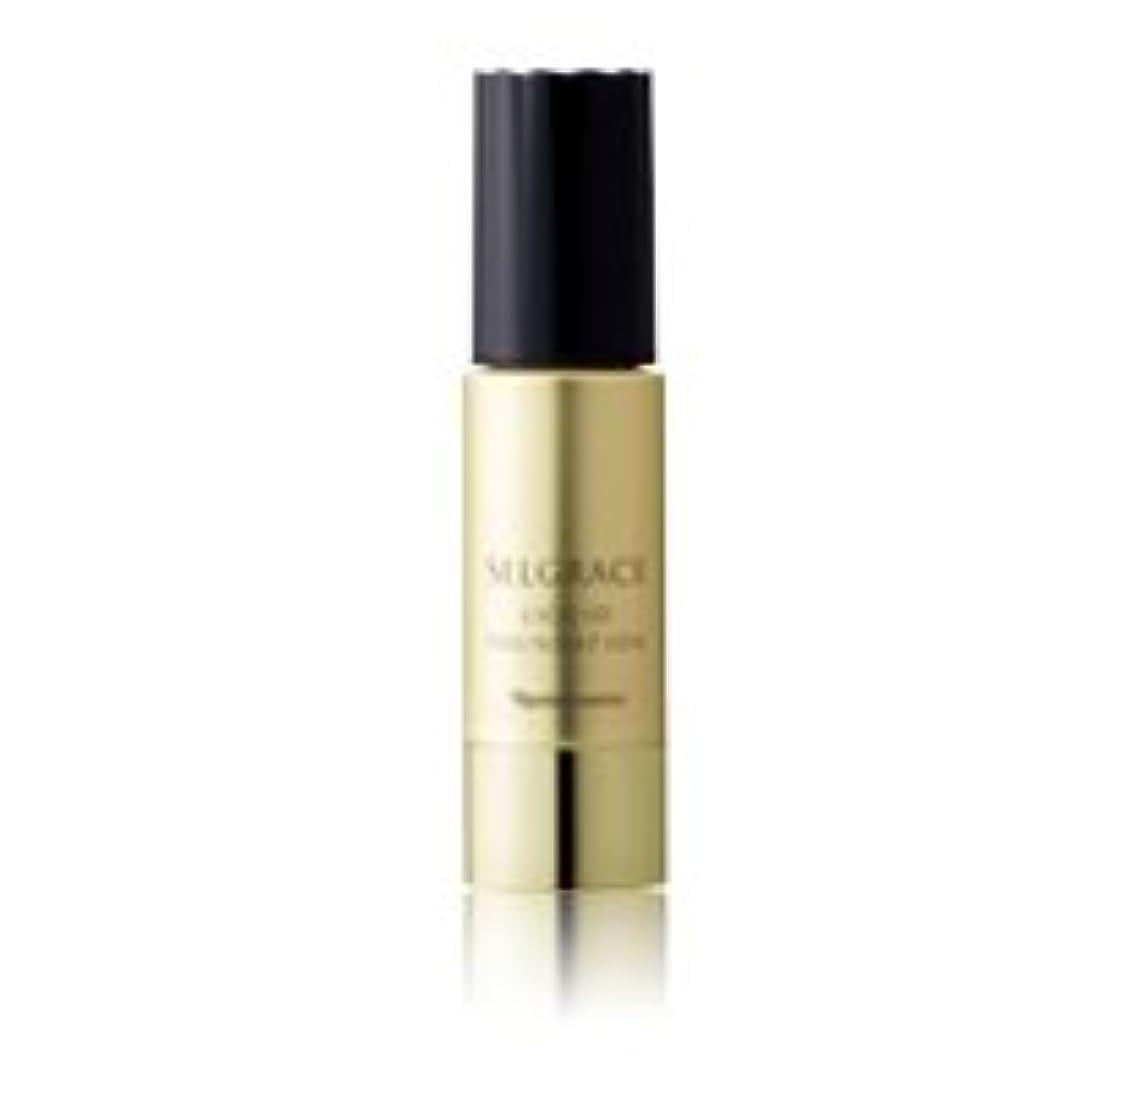 実行可能花瓶無謀ナリス化粧品セルグレース リキッドファンデーション30mL[SPF30 PA++]150